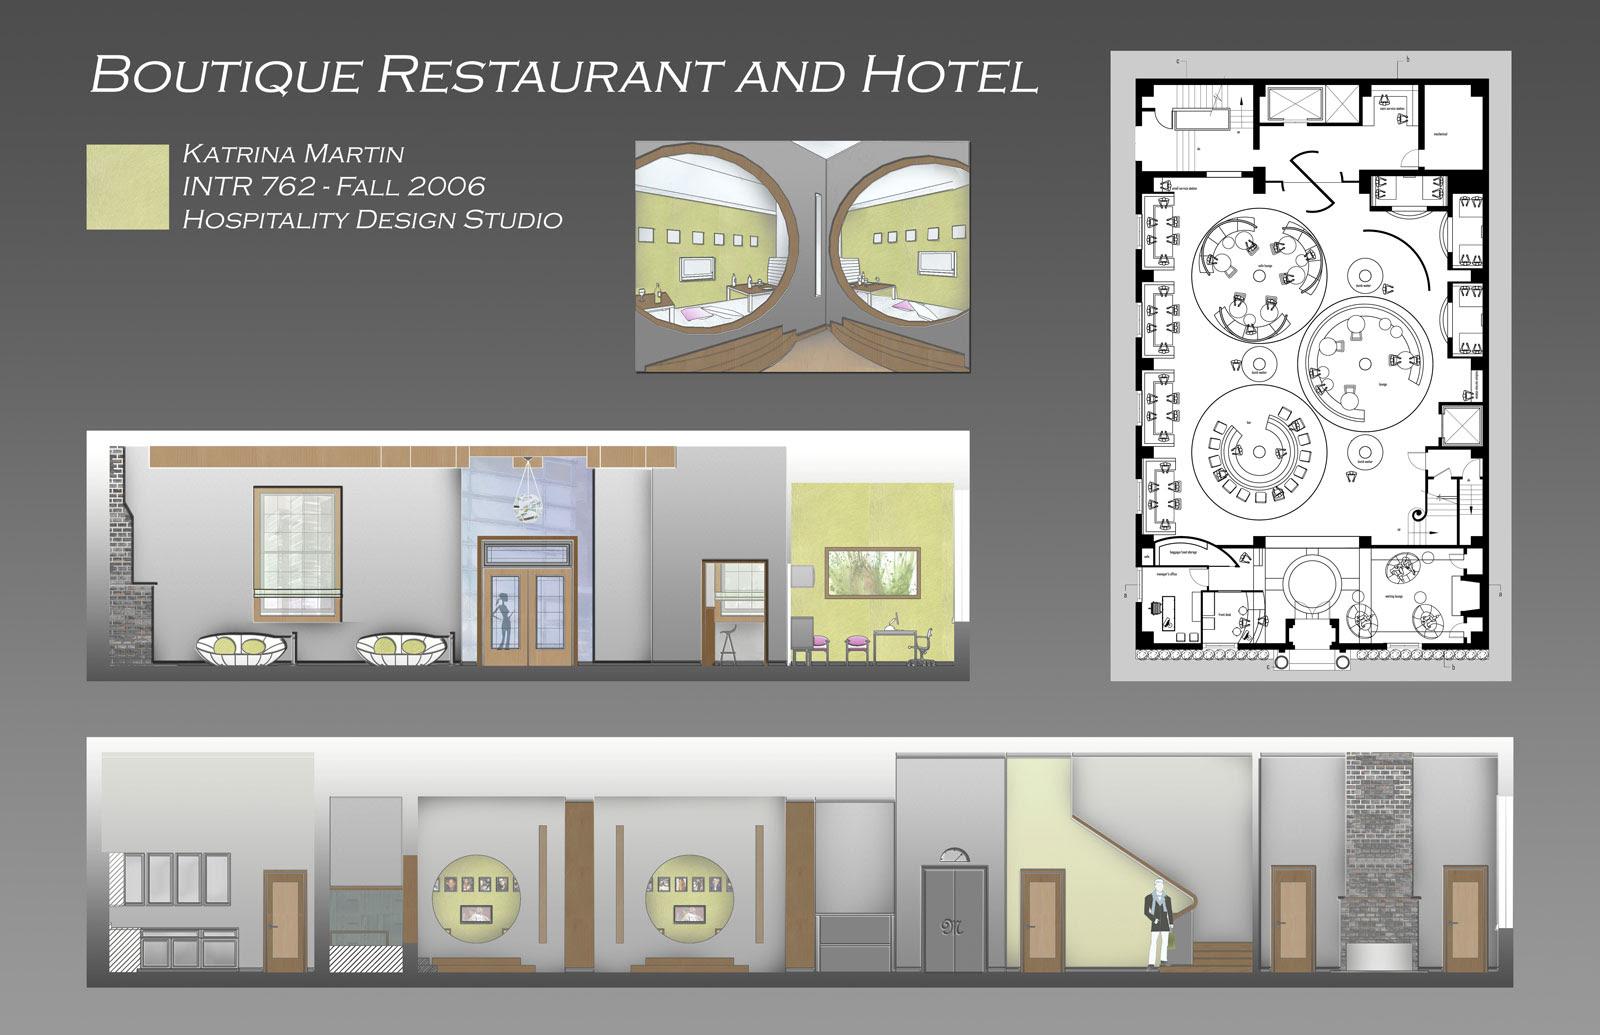 details | Antoinette Westphal College of Media Arts and Design